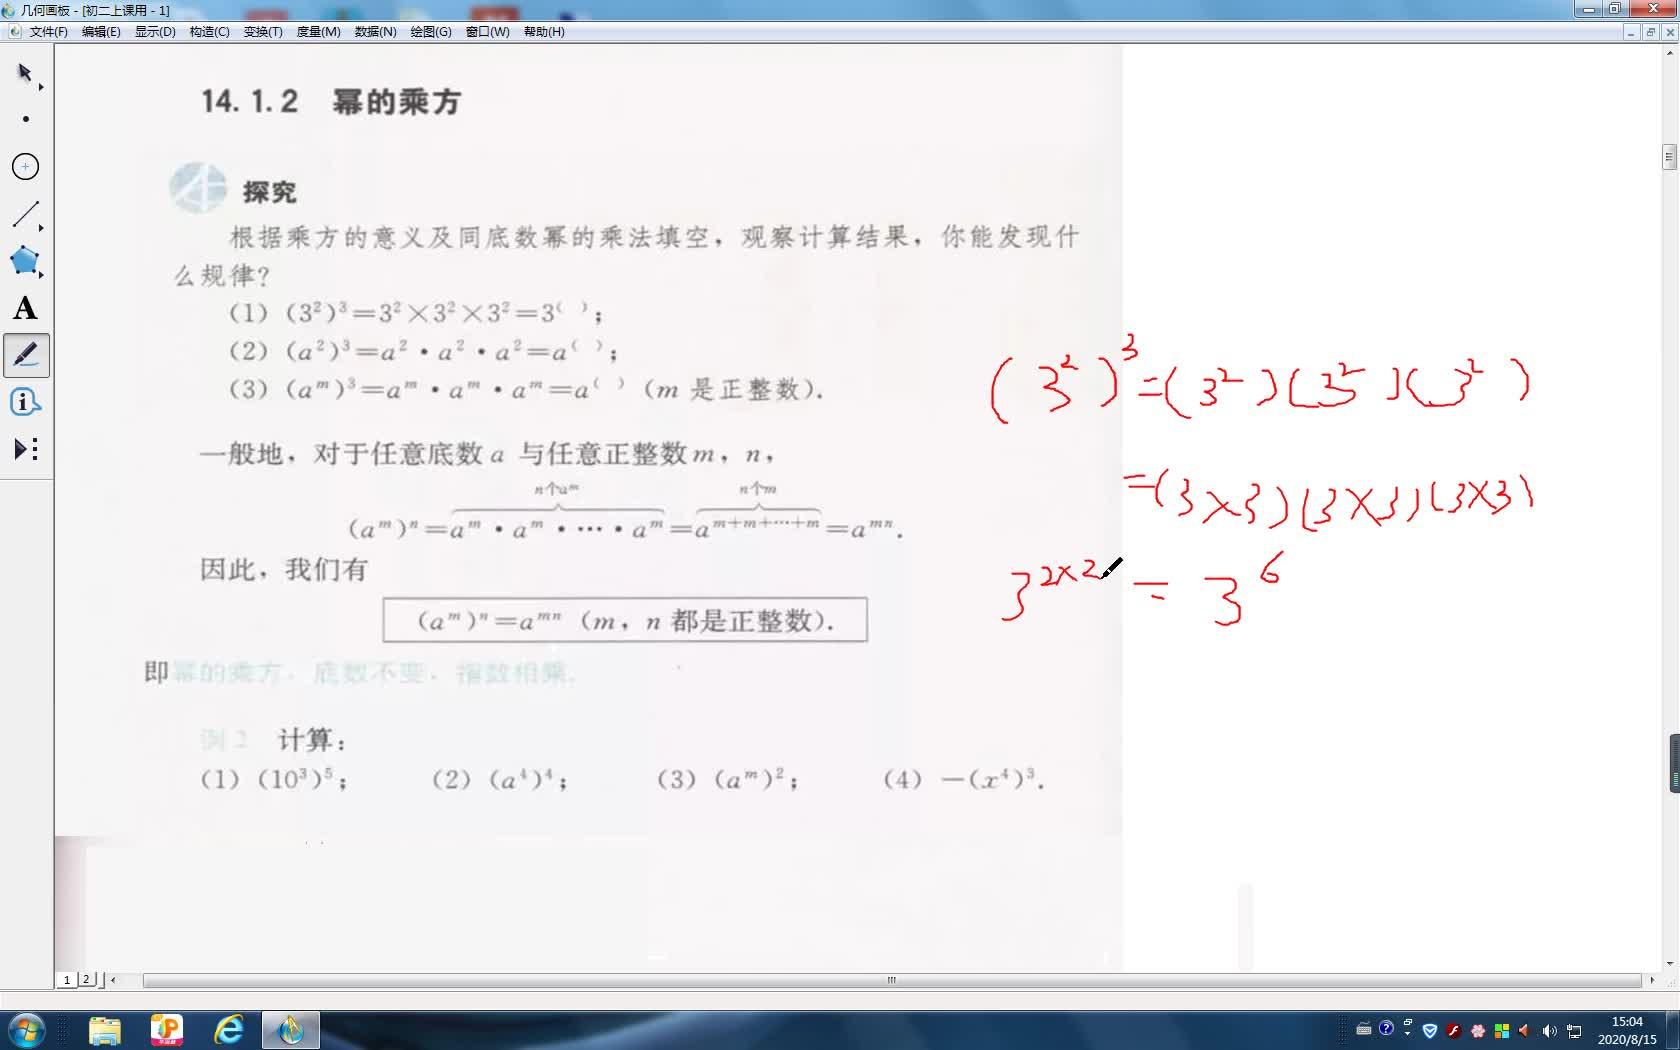 14.1.2幂的乘方[来自e网通极速客户端]人教版八年级上册  14.1.2幂的乘方视频讲解人教版八年级上册  14.1.2幂的乘方视频讲解